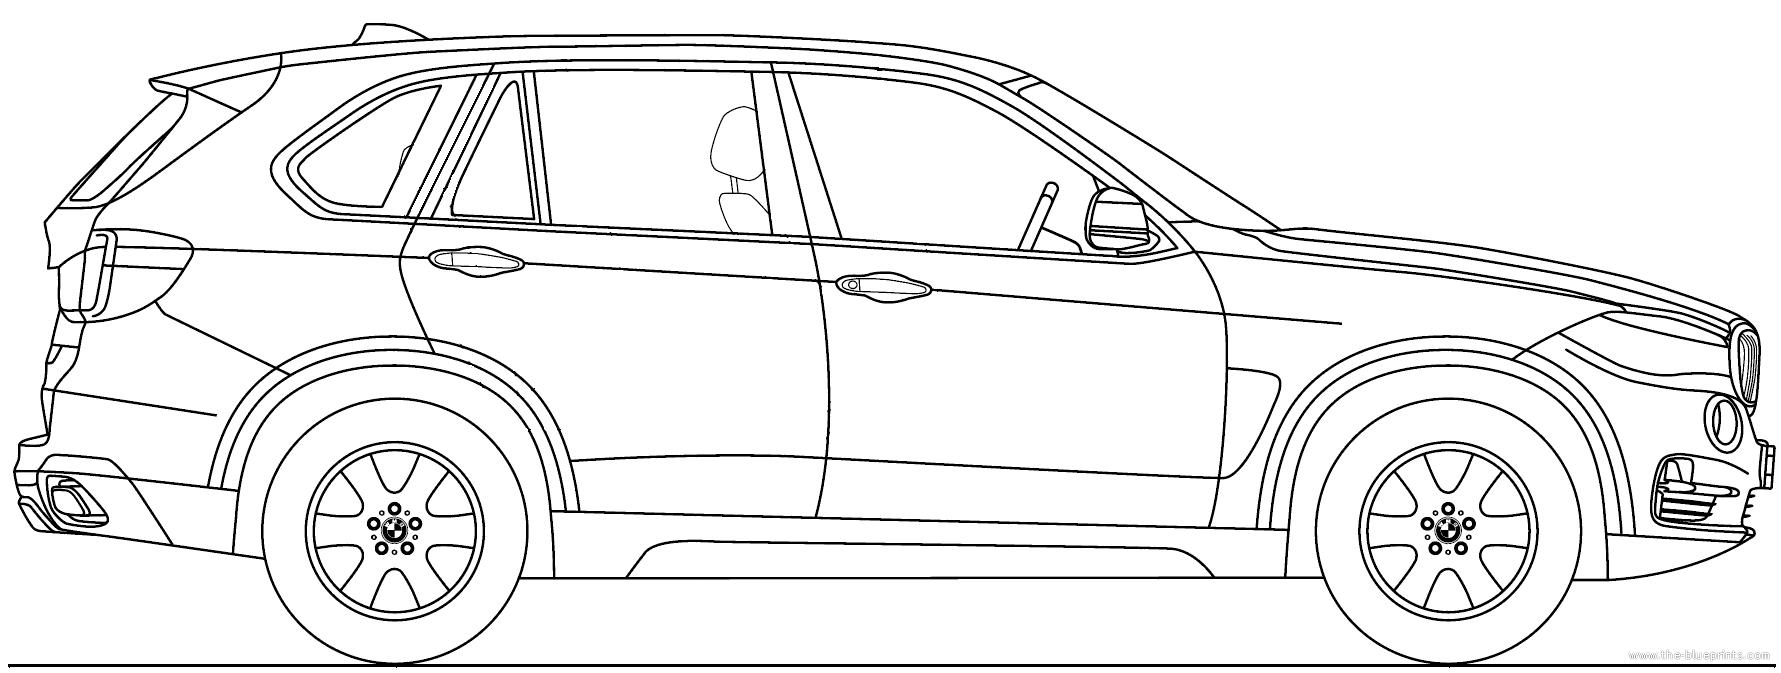 Blueprints > Cars > BMW > BMW X5 (2013)